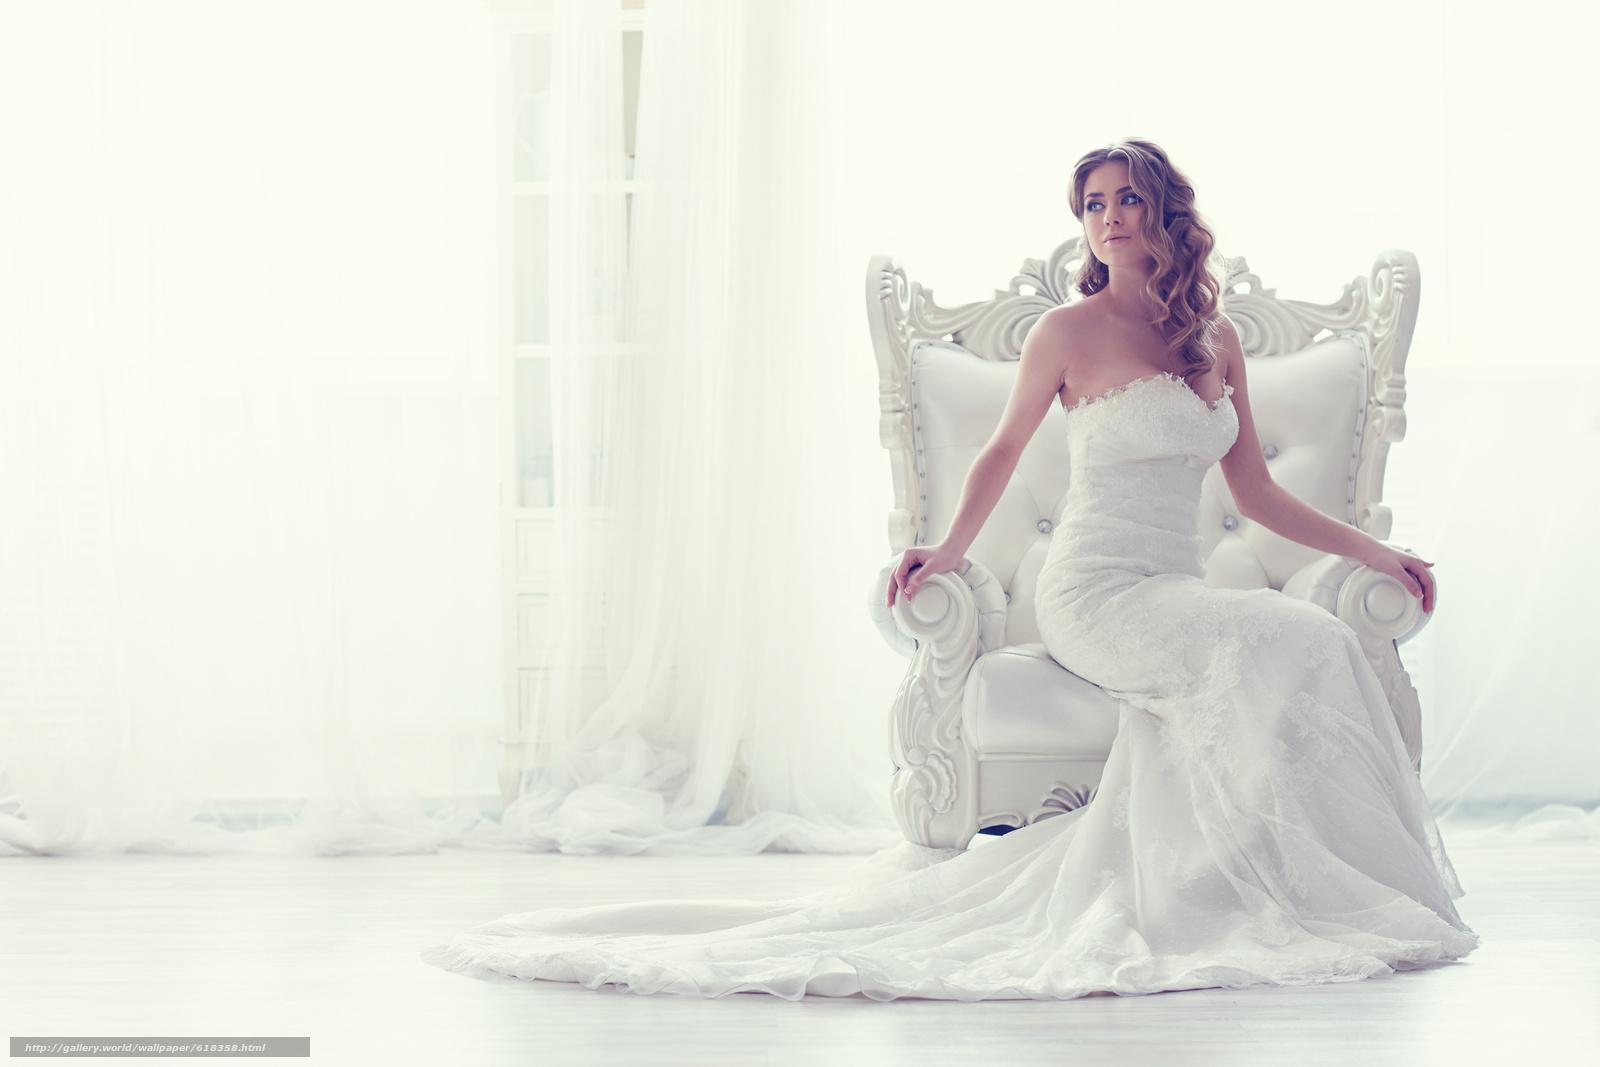 Скачать обои невеста,  свадебное платье,  платье,  кресло бесплатно для рабочего стола в разрешении 5259x3506 — картинка №618358